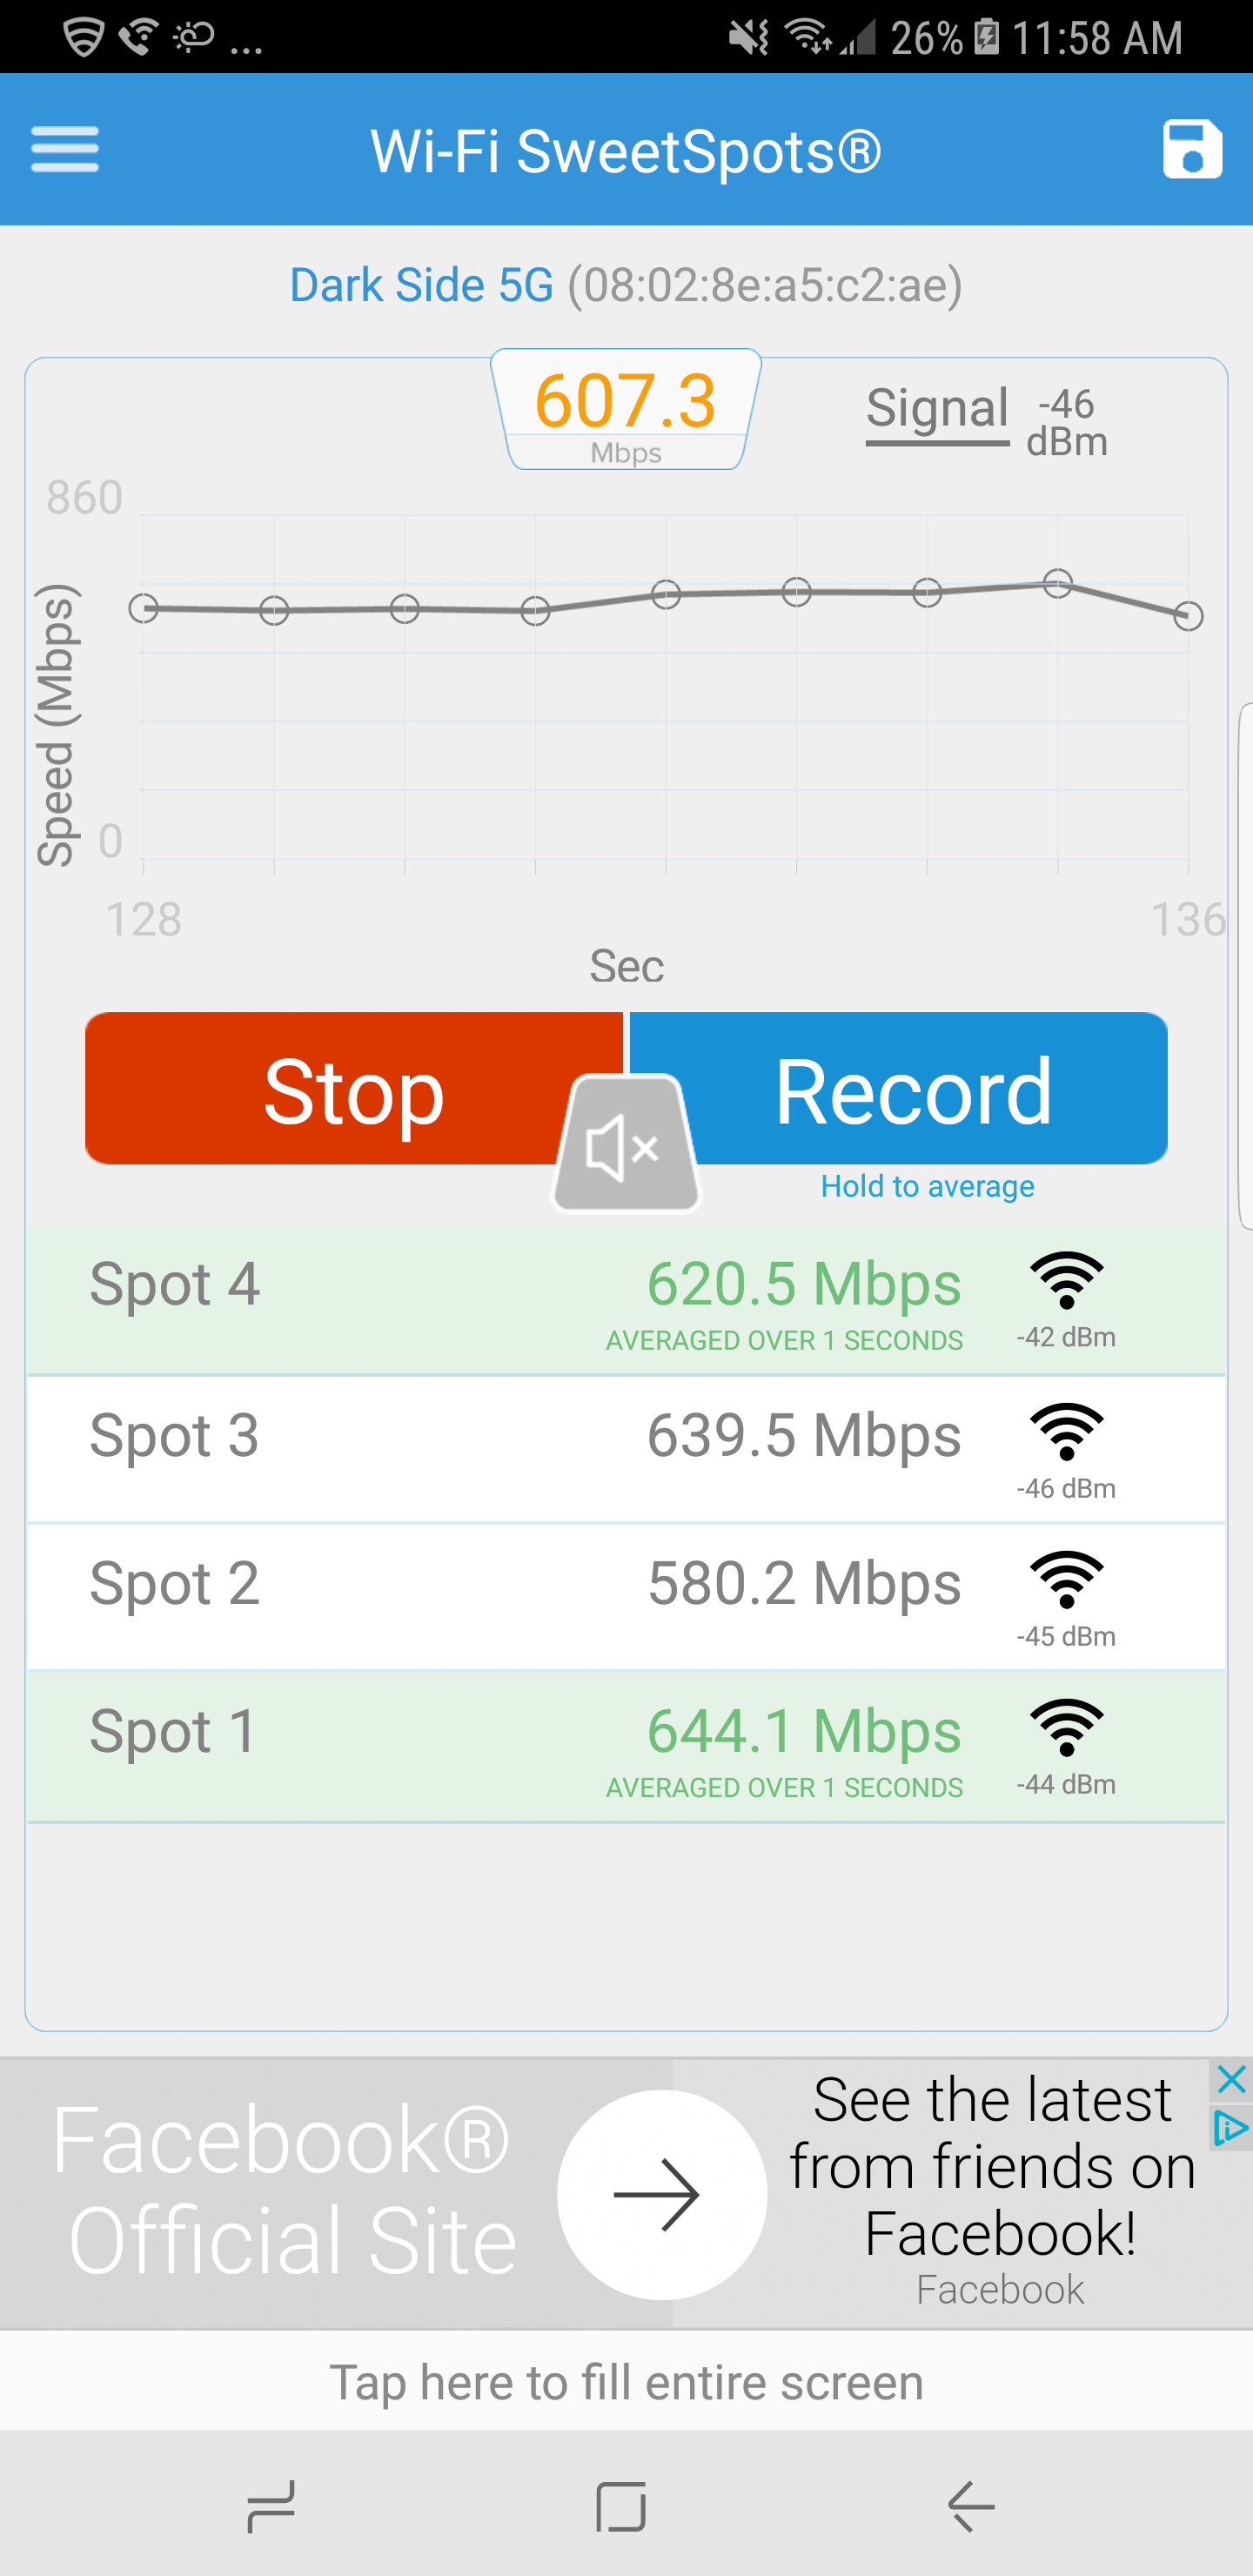 Slow Wifi on R9000 Nighthawk X10 on Xfinity Gigabi    - NETGEAR